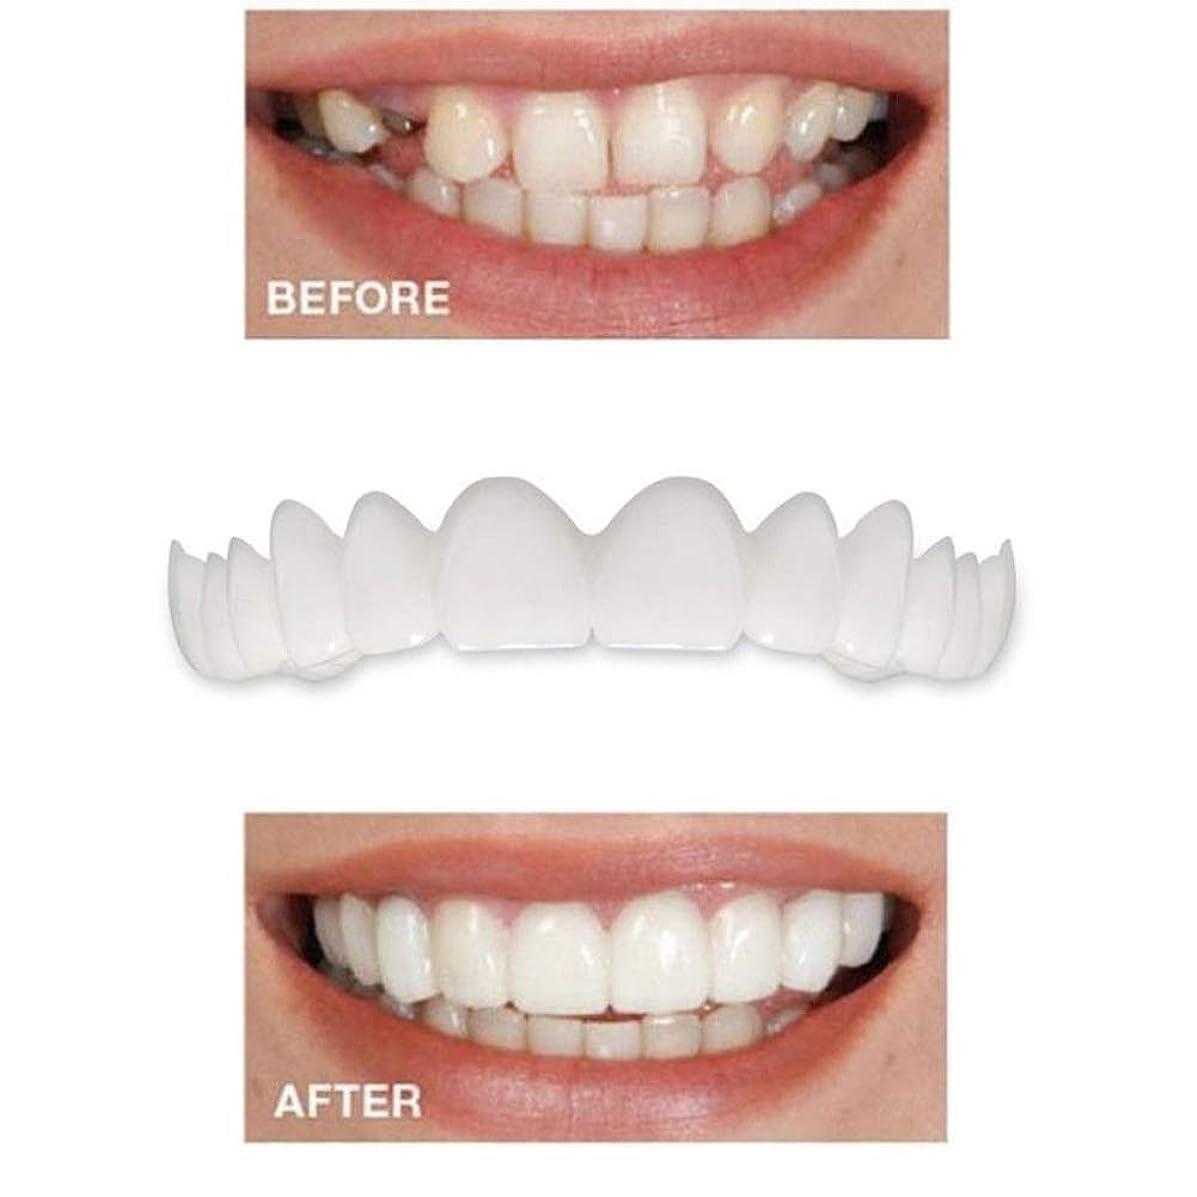 虹スチュワーデスはぁインスタント快適で柔らかい完璧なベニヤの歯スナップキャップを白くする一時的な化粧品歯義歯歯の化粧品シミュレーション上袖/下括弧の6枚,6lowerteeth